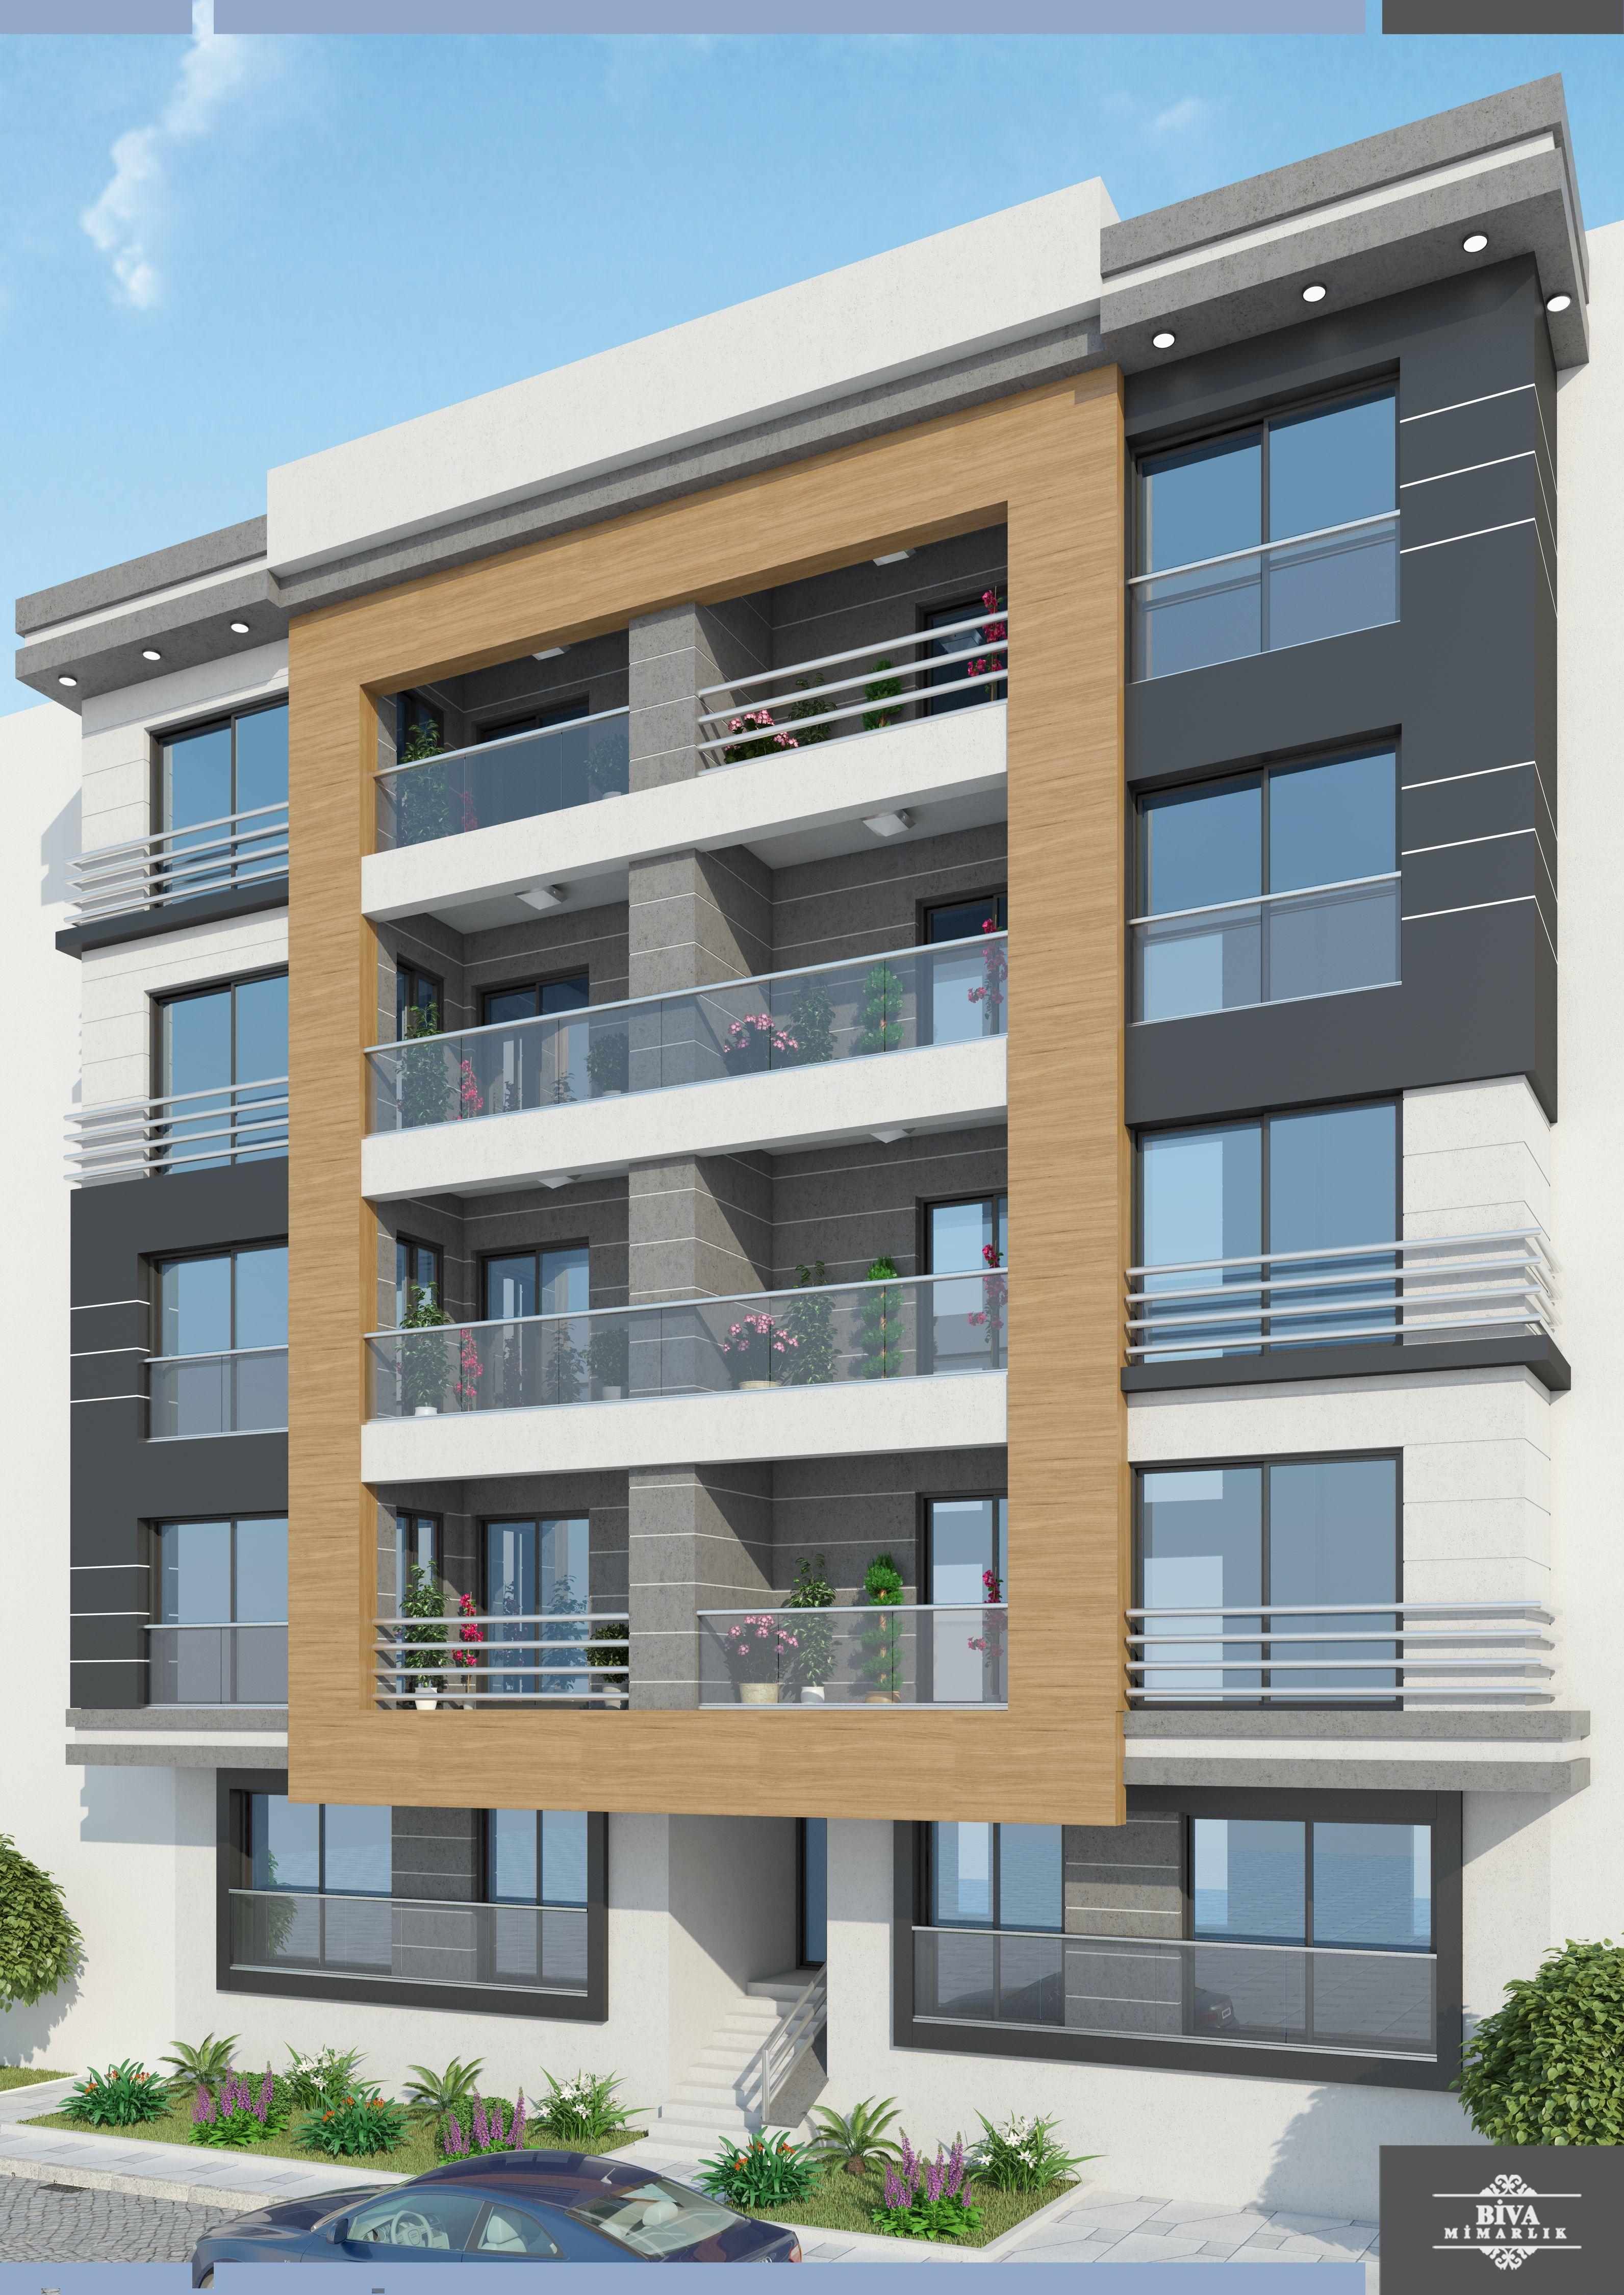 Pin de gustavo clavijo b en arquitectura pinterest for Fachadas de edificios modernos